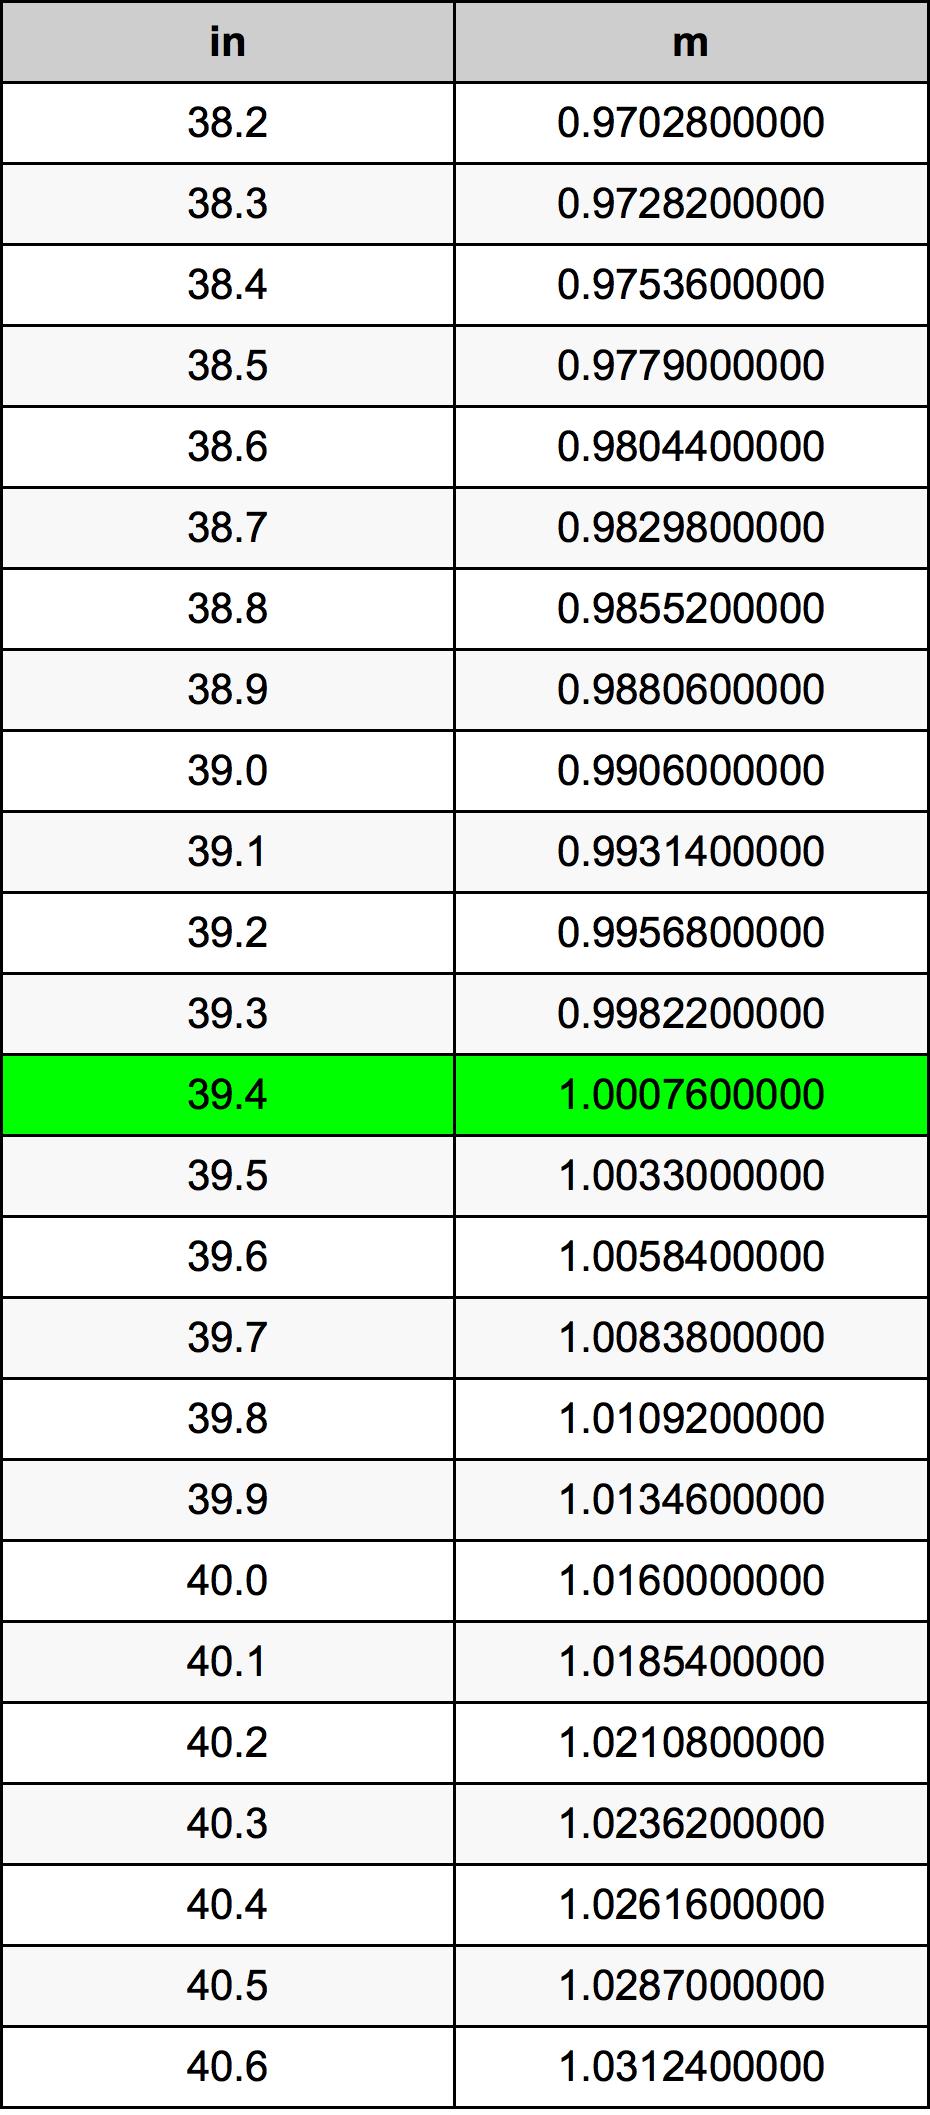 39.4 Polegada tabela de conversão